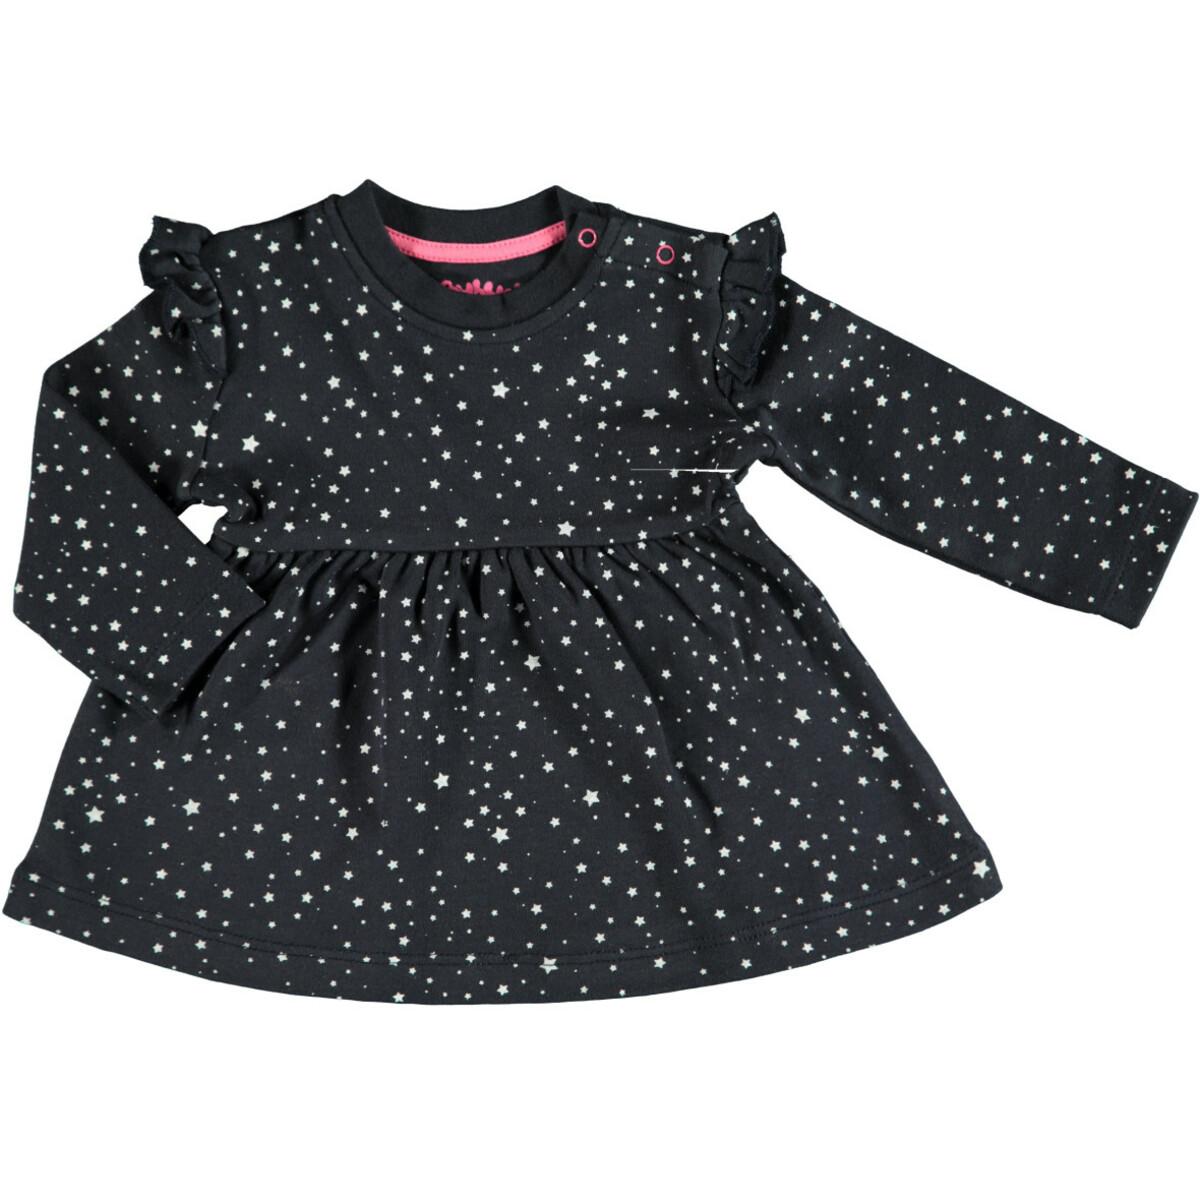 Bild 1 von Baby Mädchen Kleid mit Sterneprint